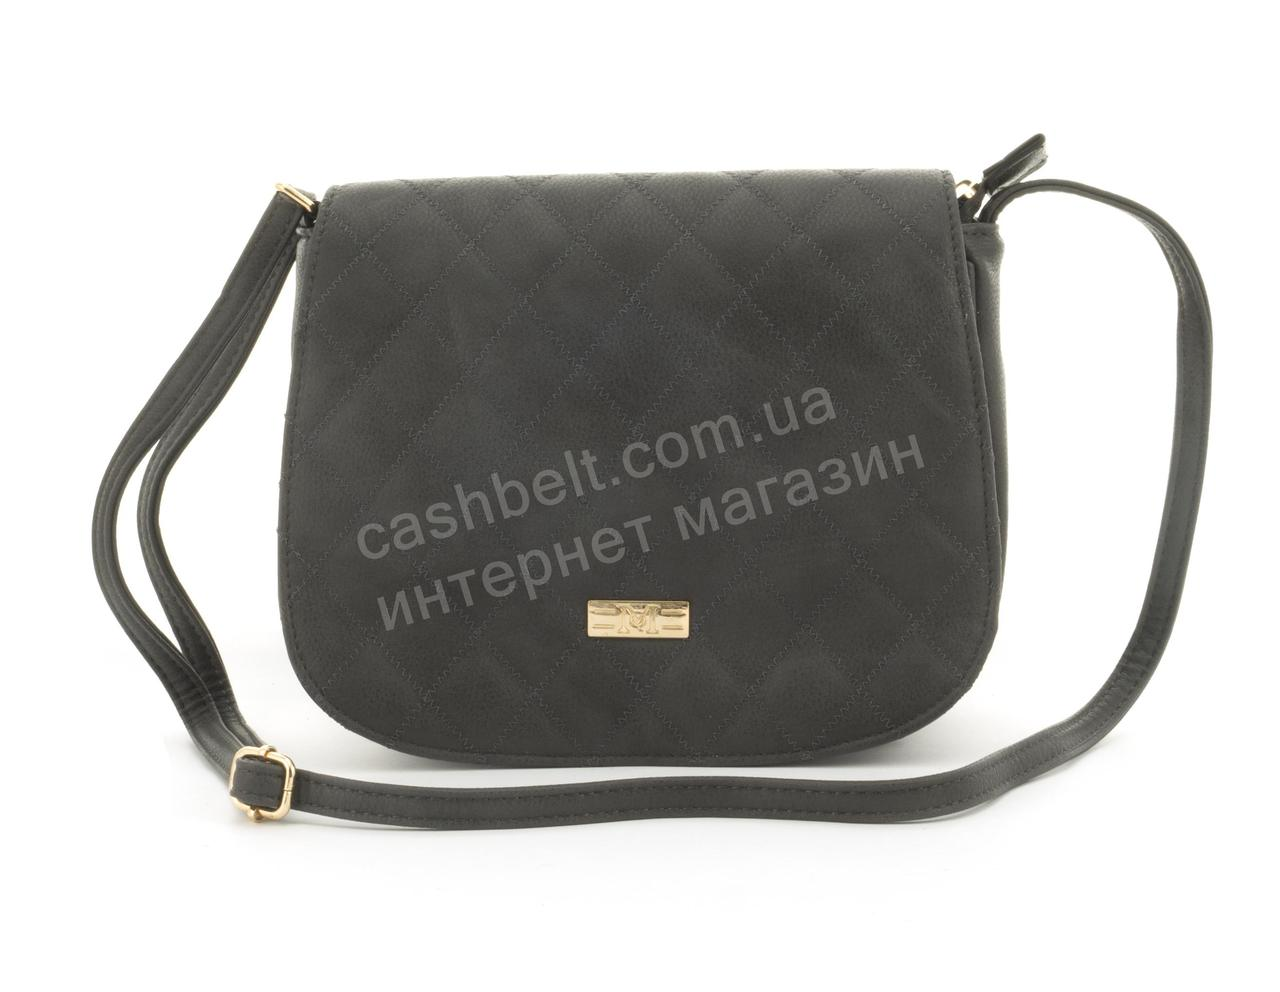 7be89eef902b Удобная небольшая вместительная женская сумочка почтальонка Love Dream art.  A1755 серая